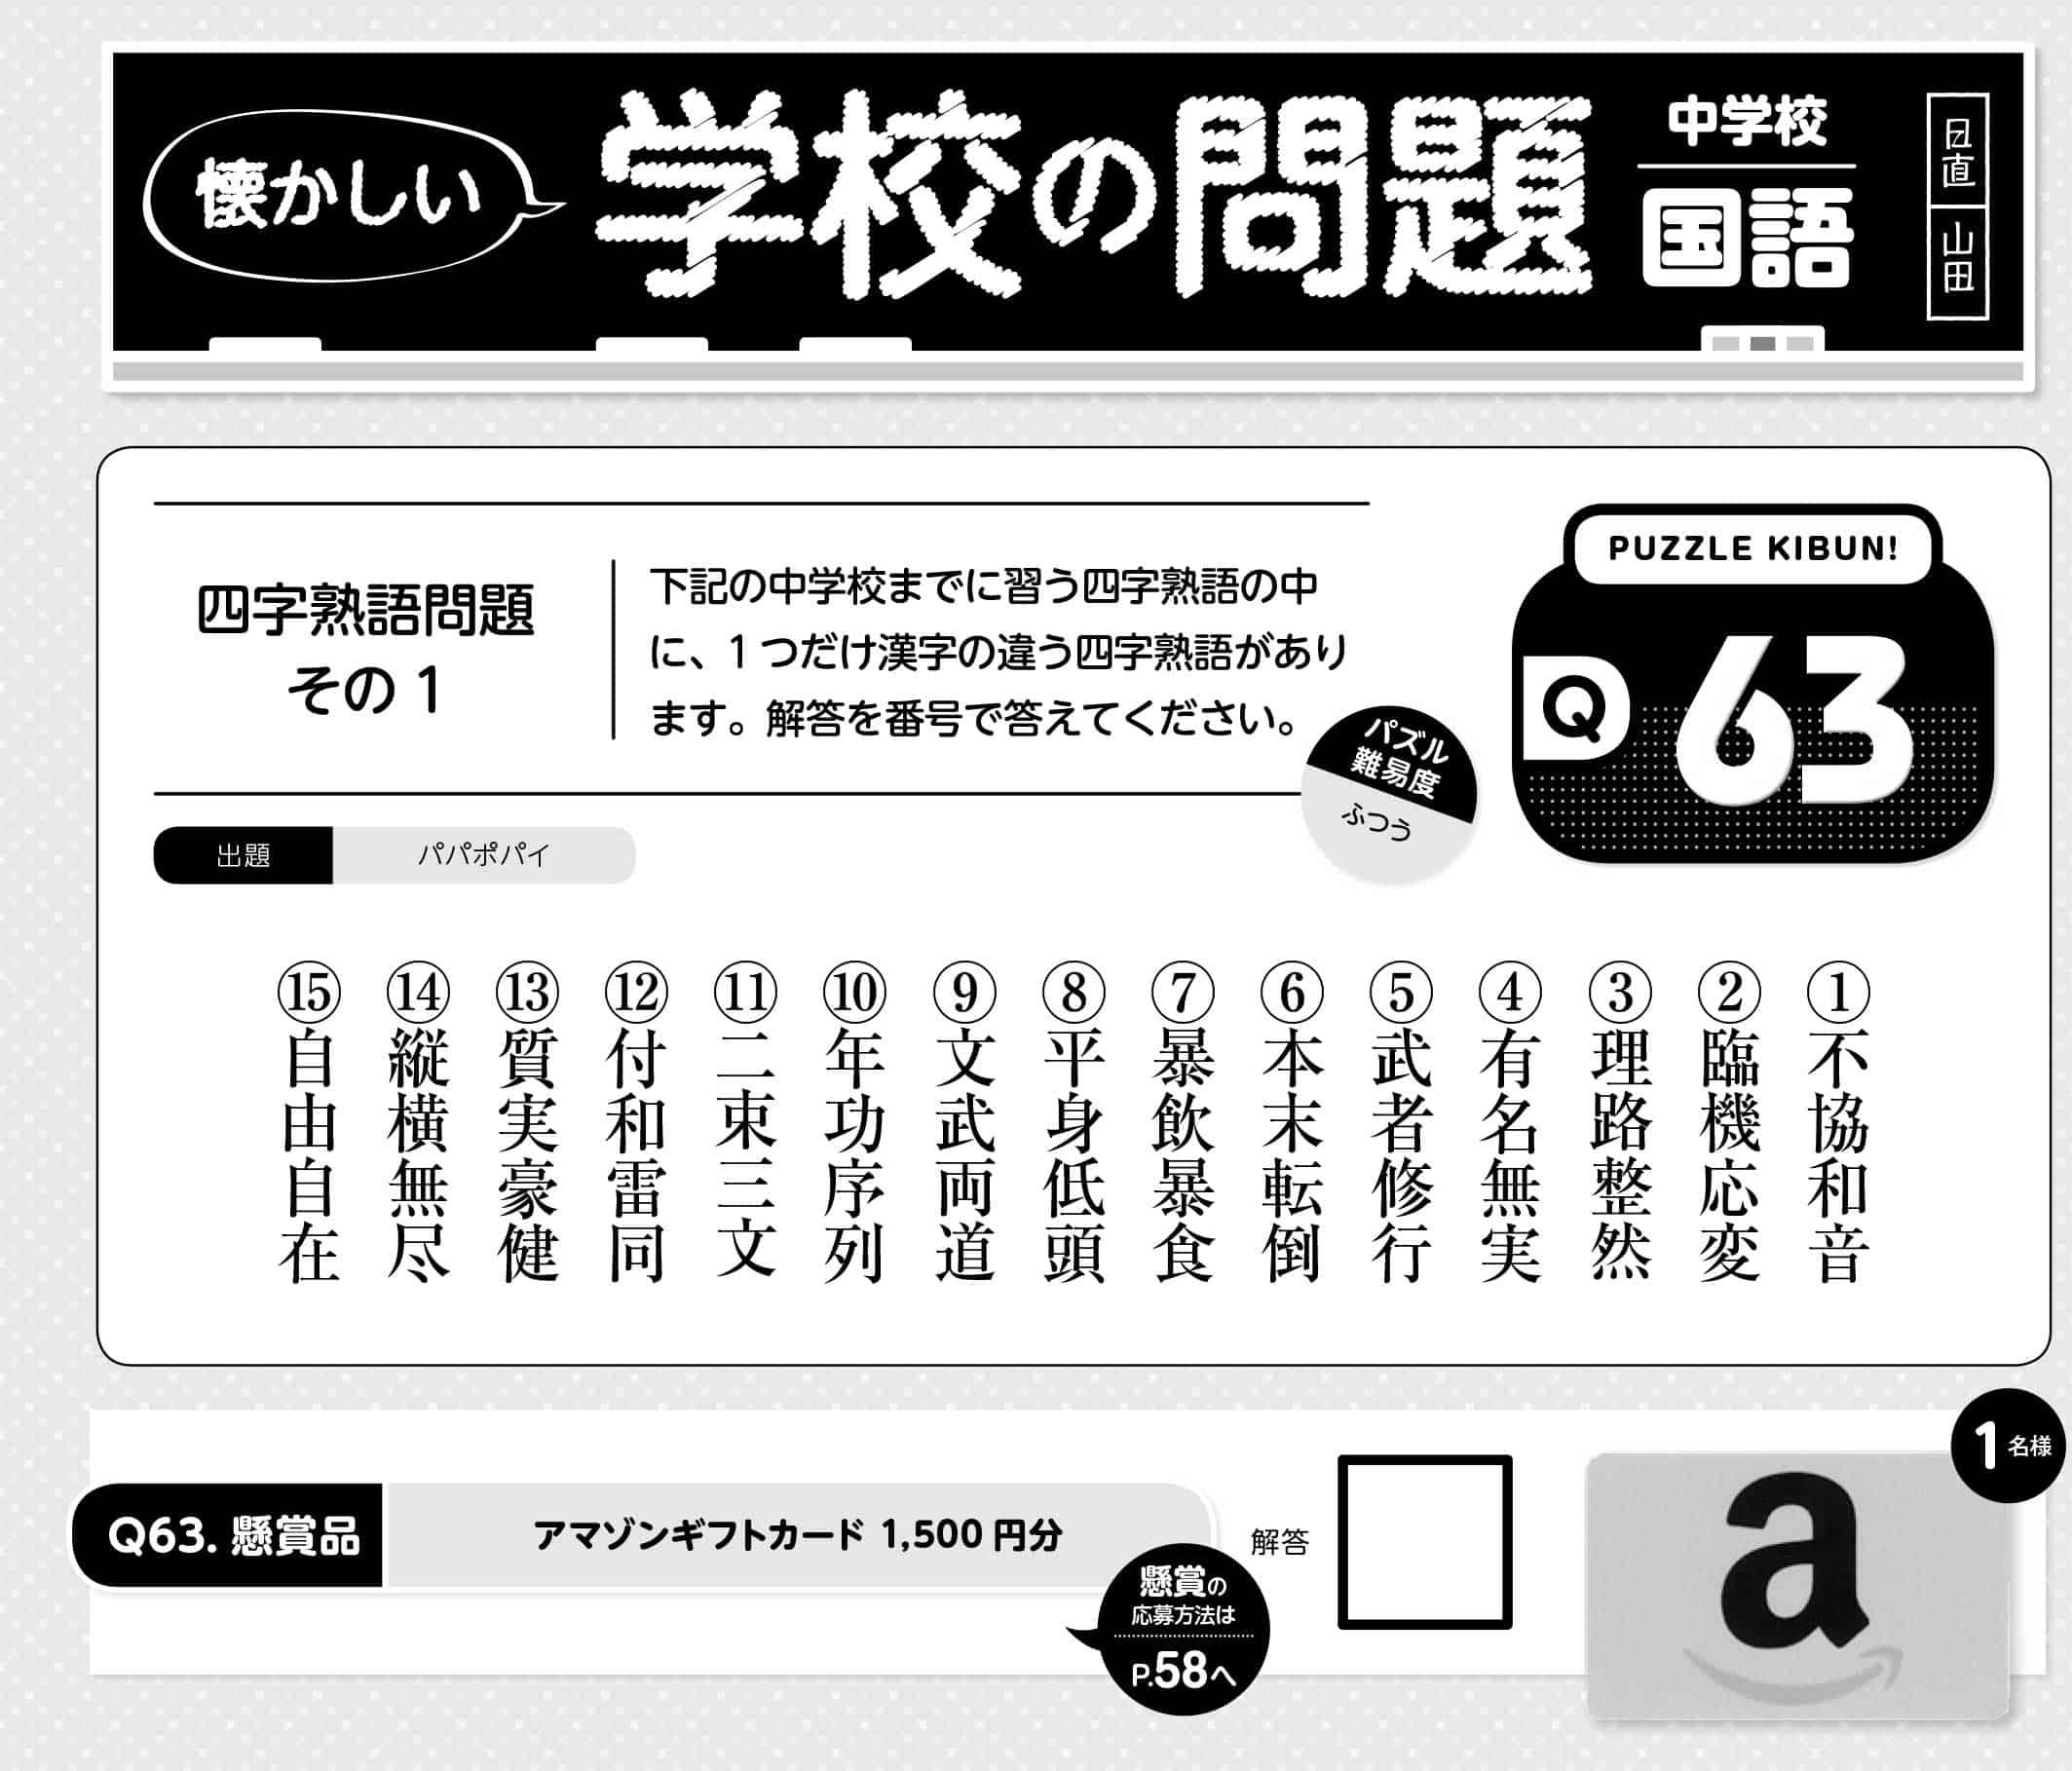 【パズルきぶん Vol.3】Q63 懐かしい学校の問題「四字熟語」1